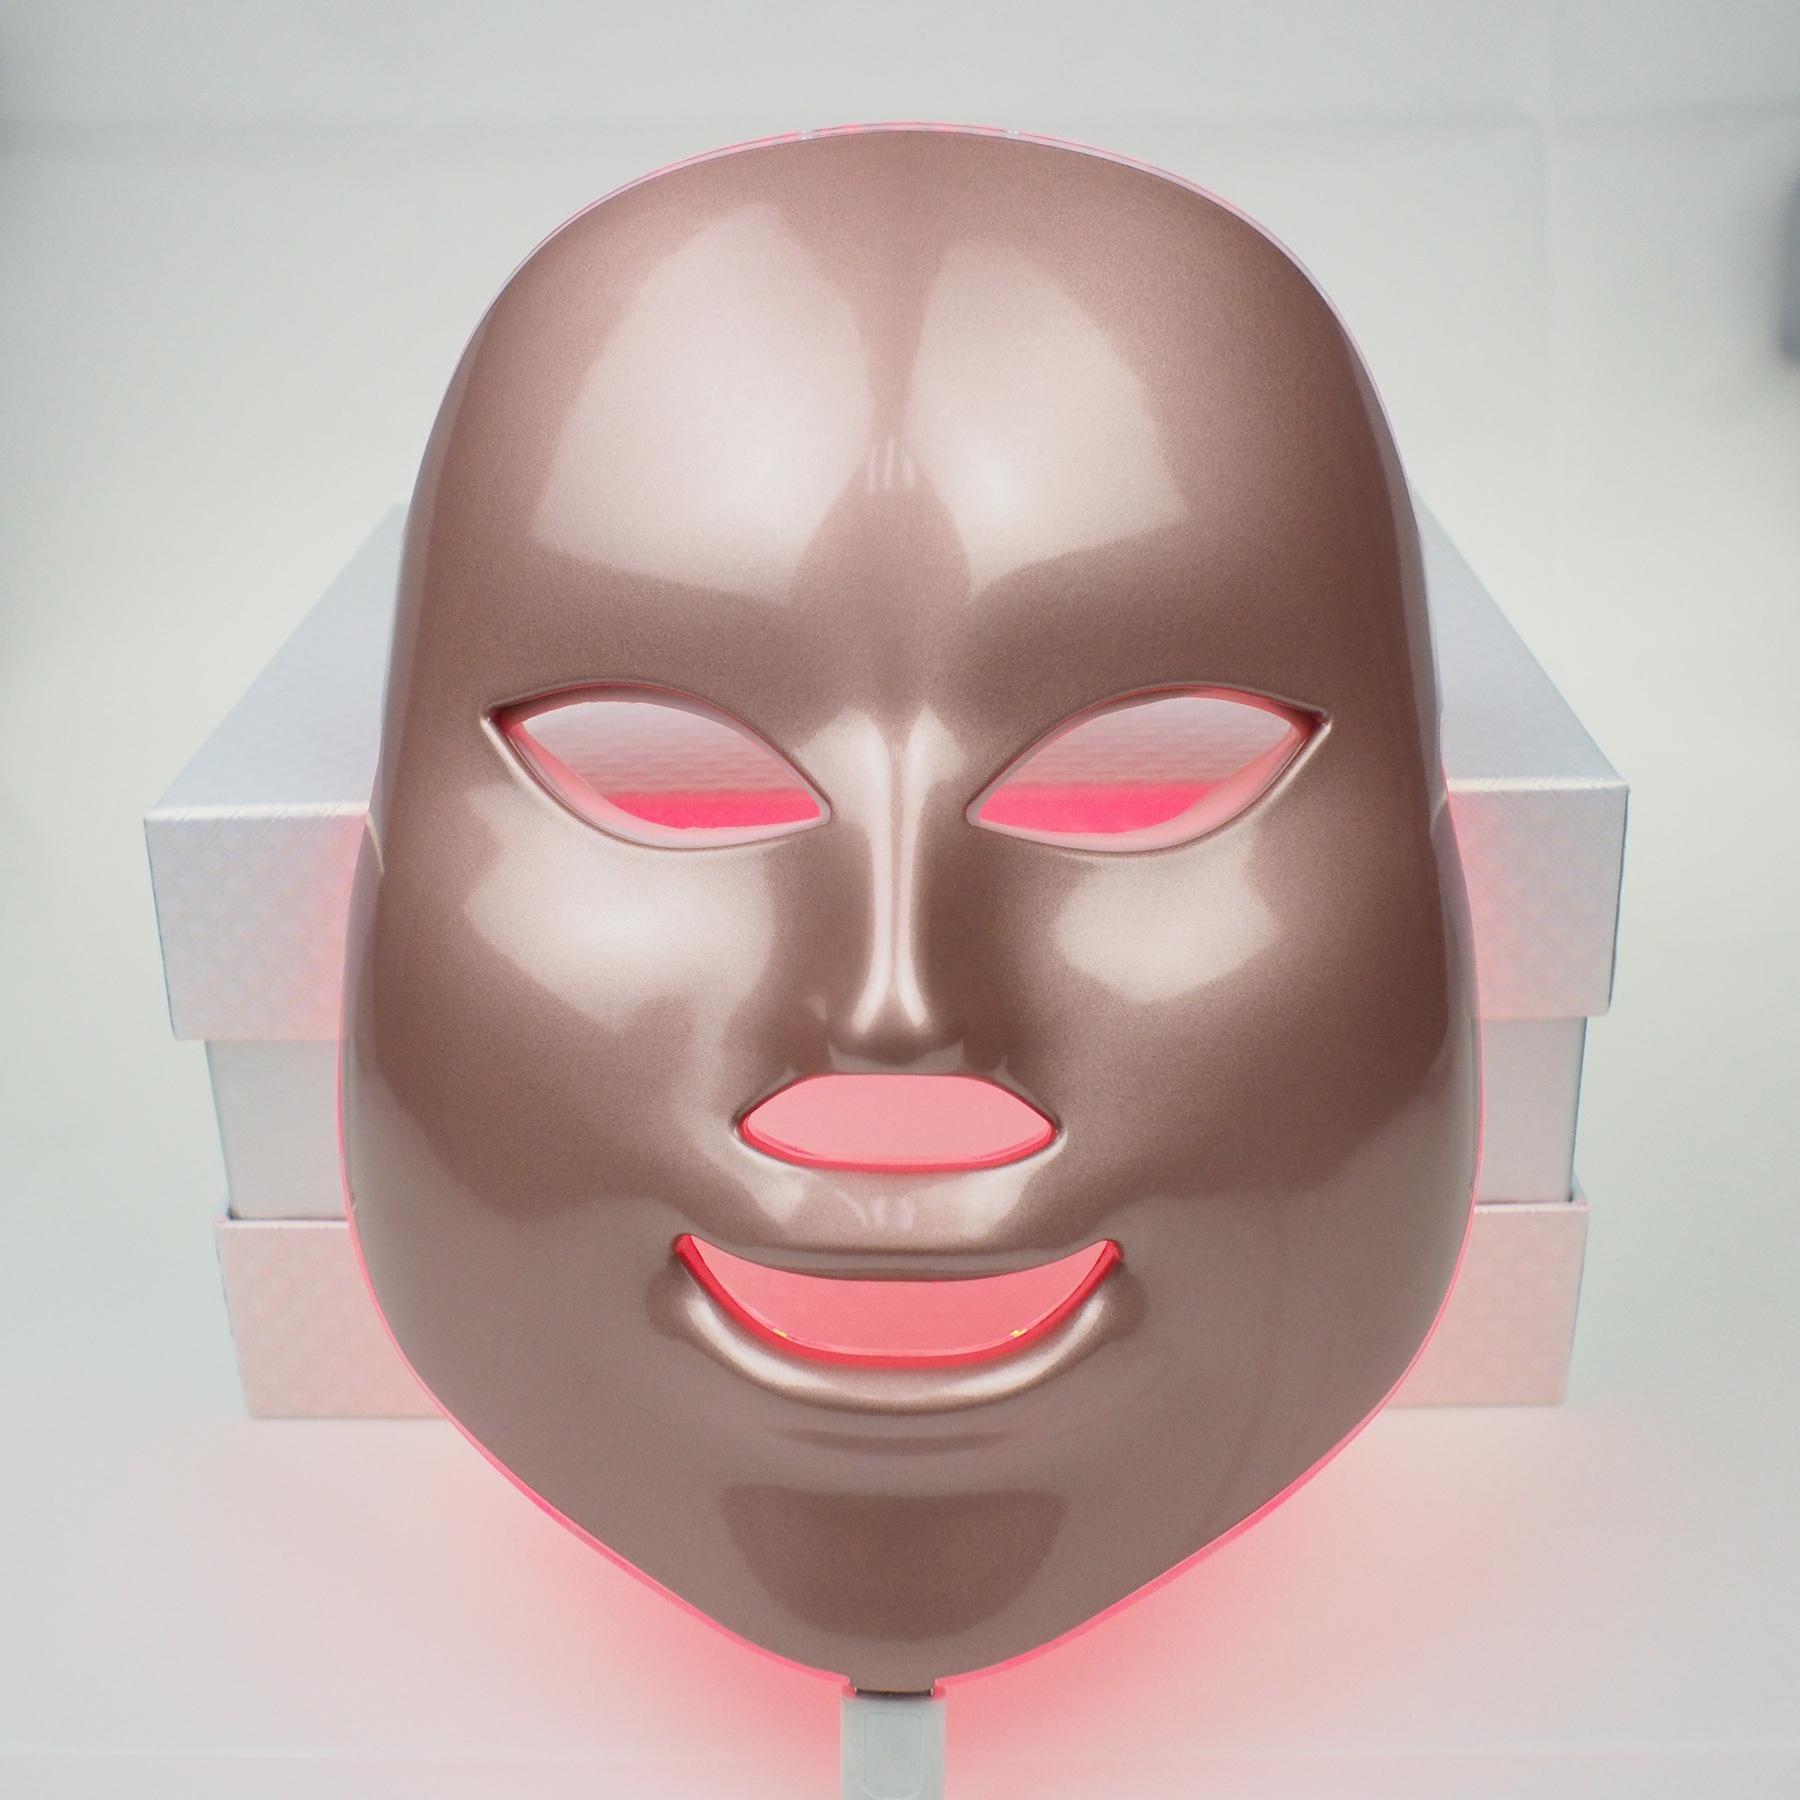 7 لون pdt أدى ضوء العلاج الضوئية قناع الوجه للوجه لتجديد الجلد مكافحة الشيخوخة آلة الجمال مكافحة حب الشباب